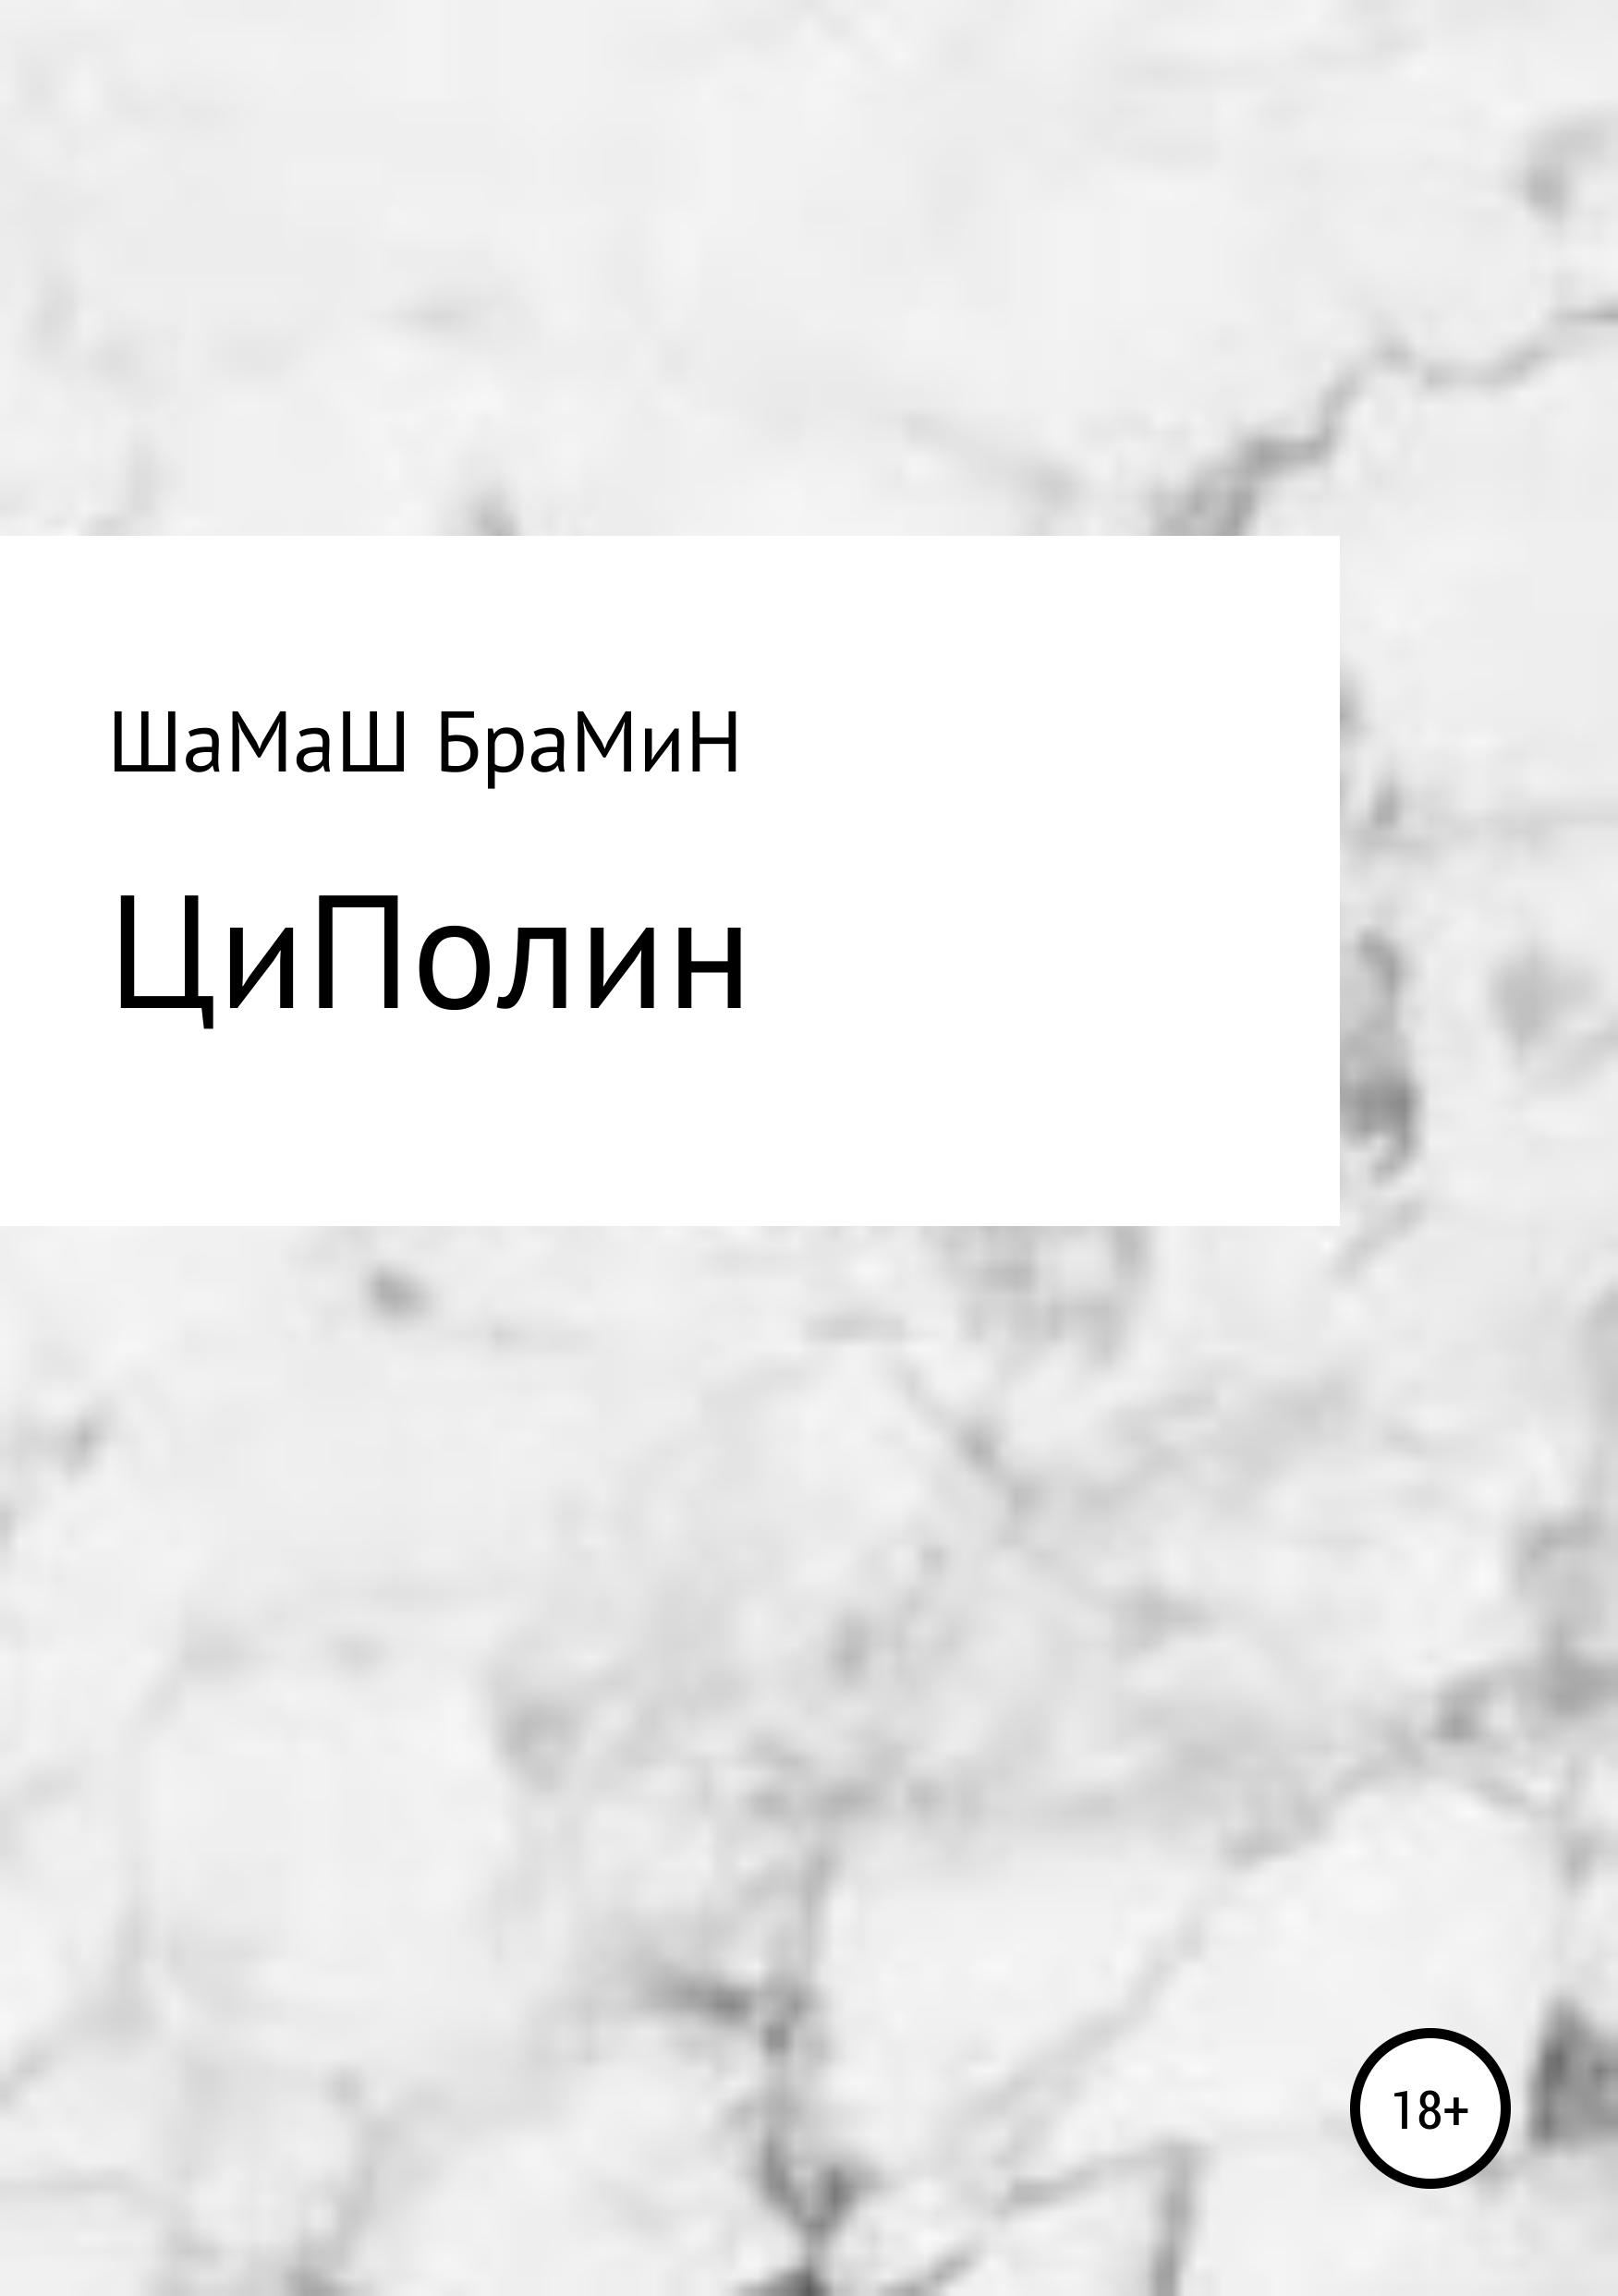 Обложка «ЦиПолин»